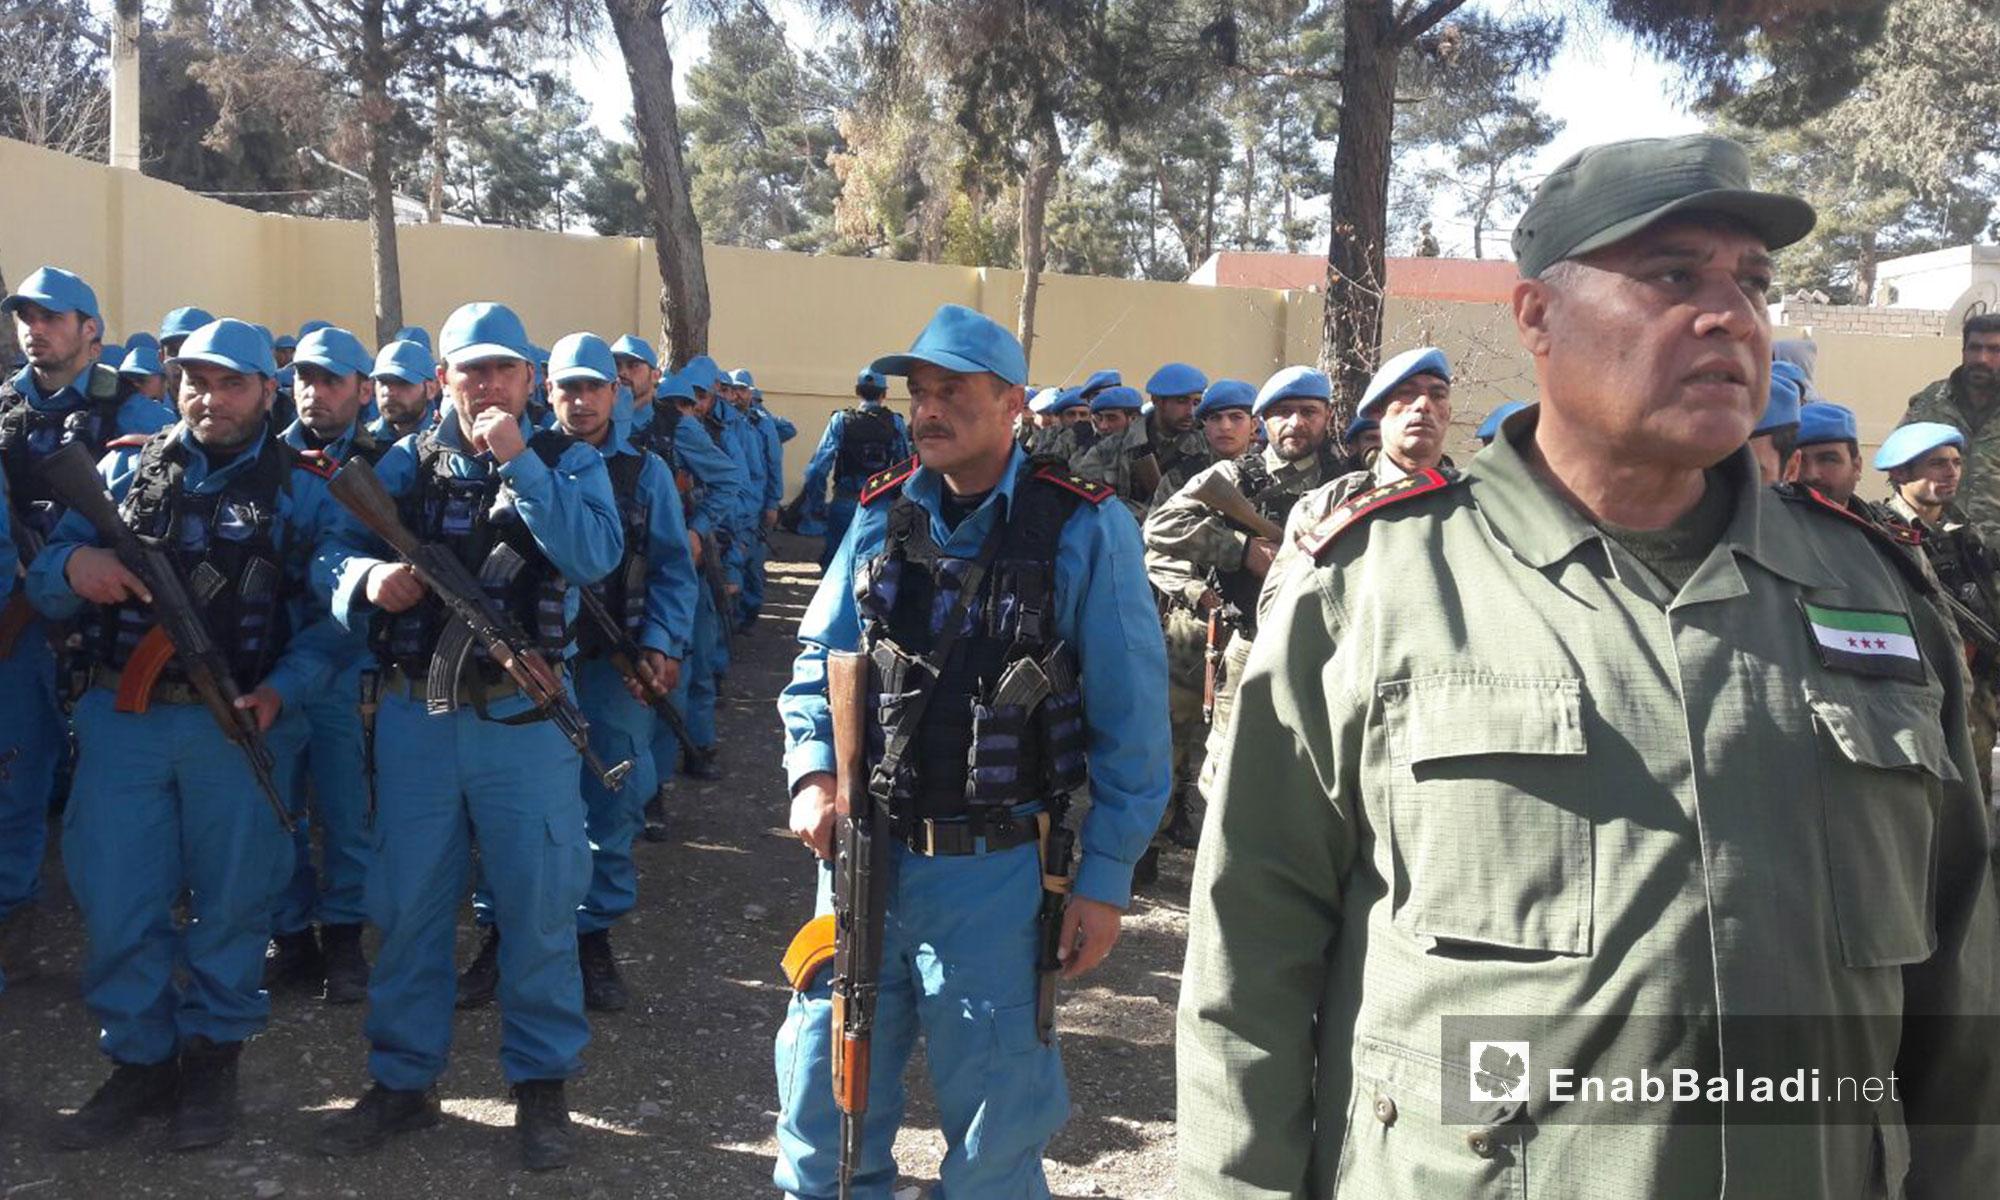 """وسيتم تدريب المزيد من عناصر """"الشرطة"""" في دوارت لاحقة"""